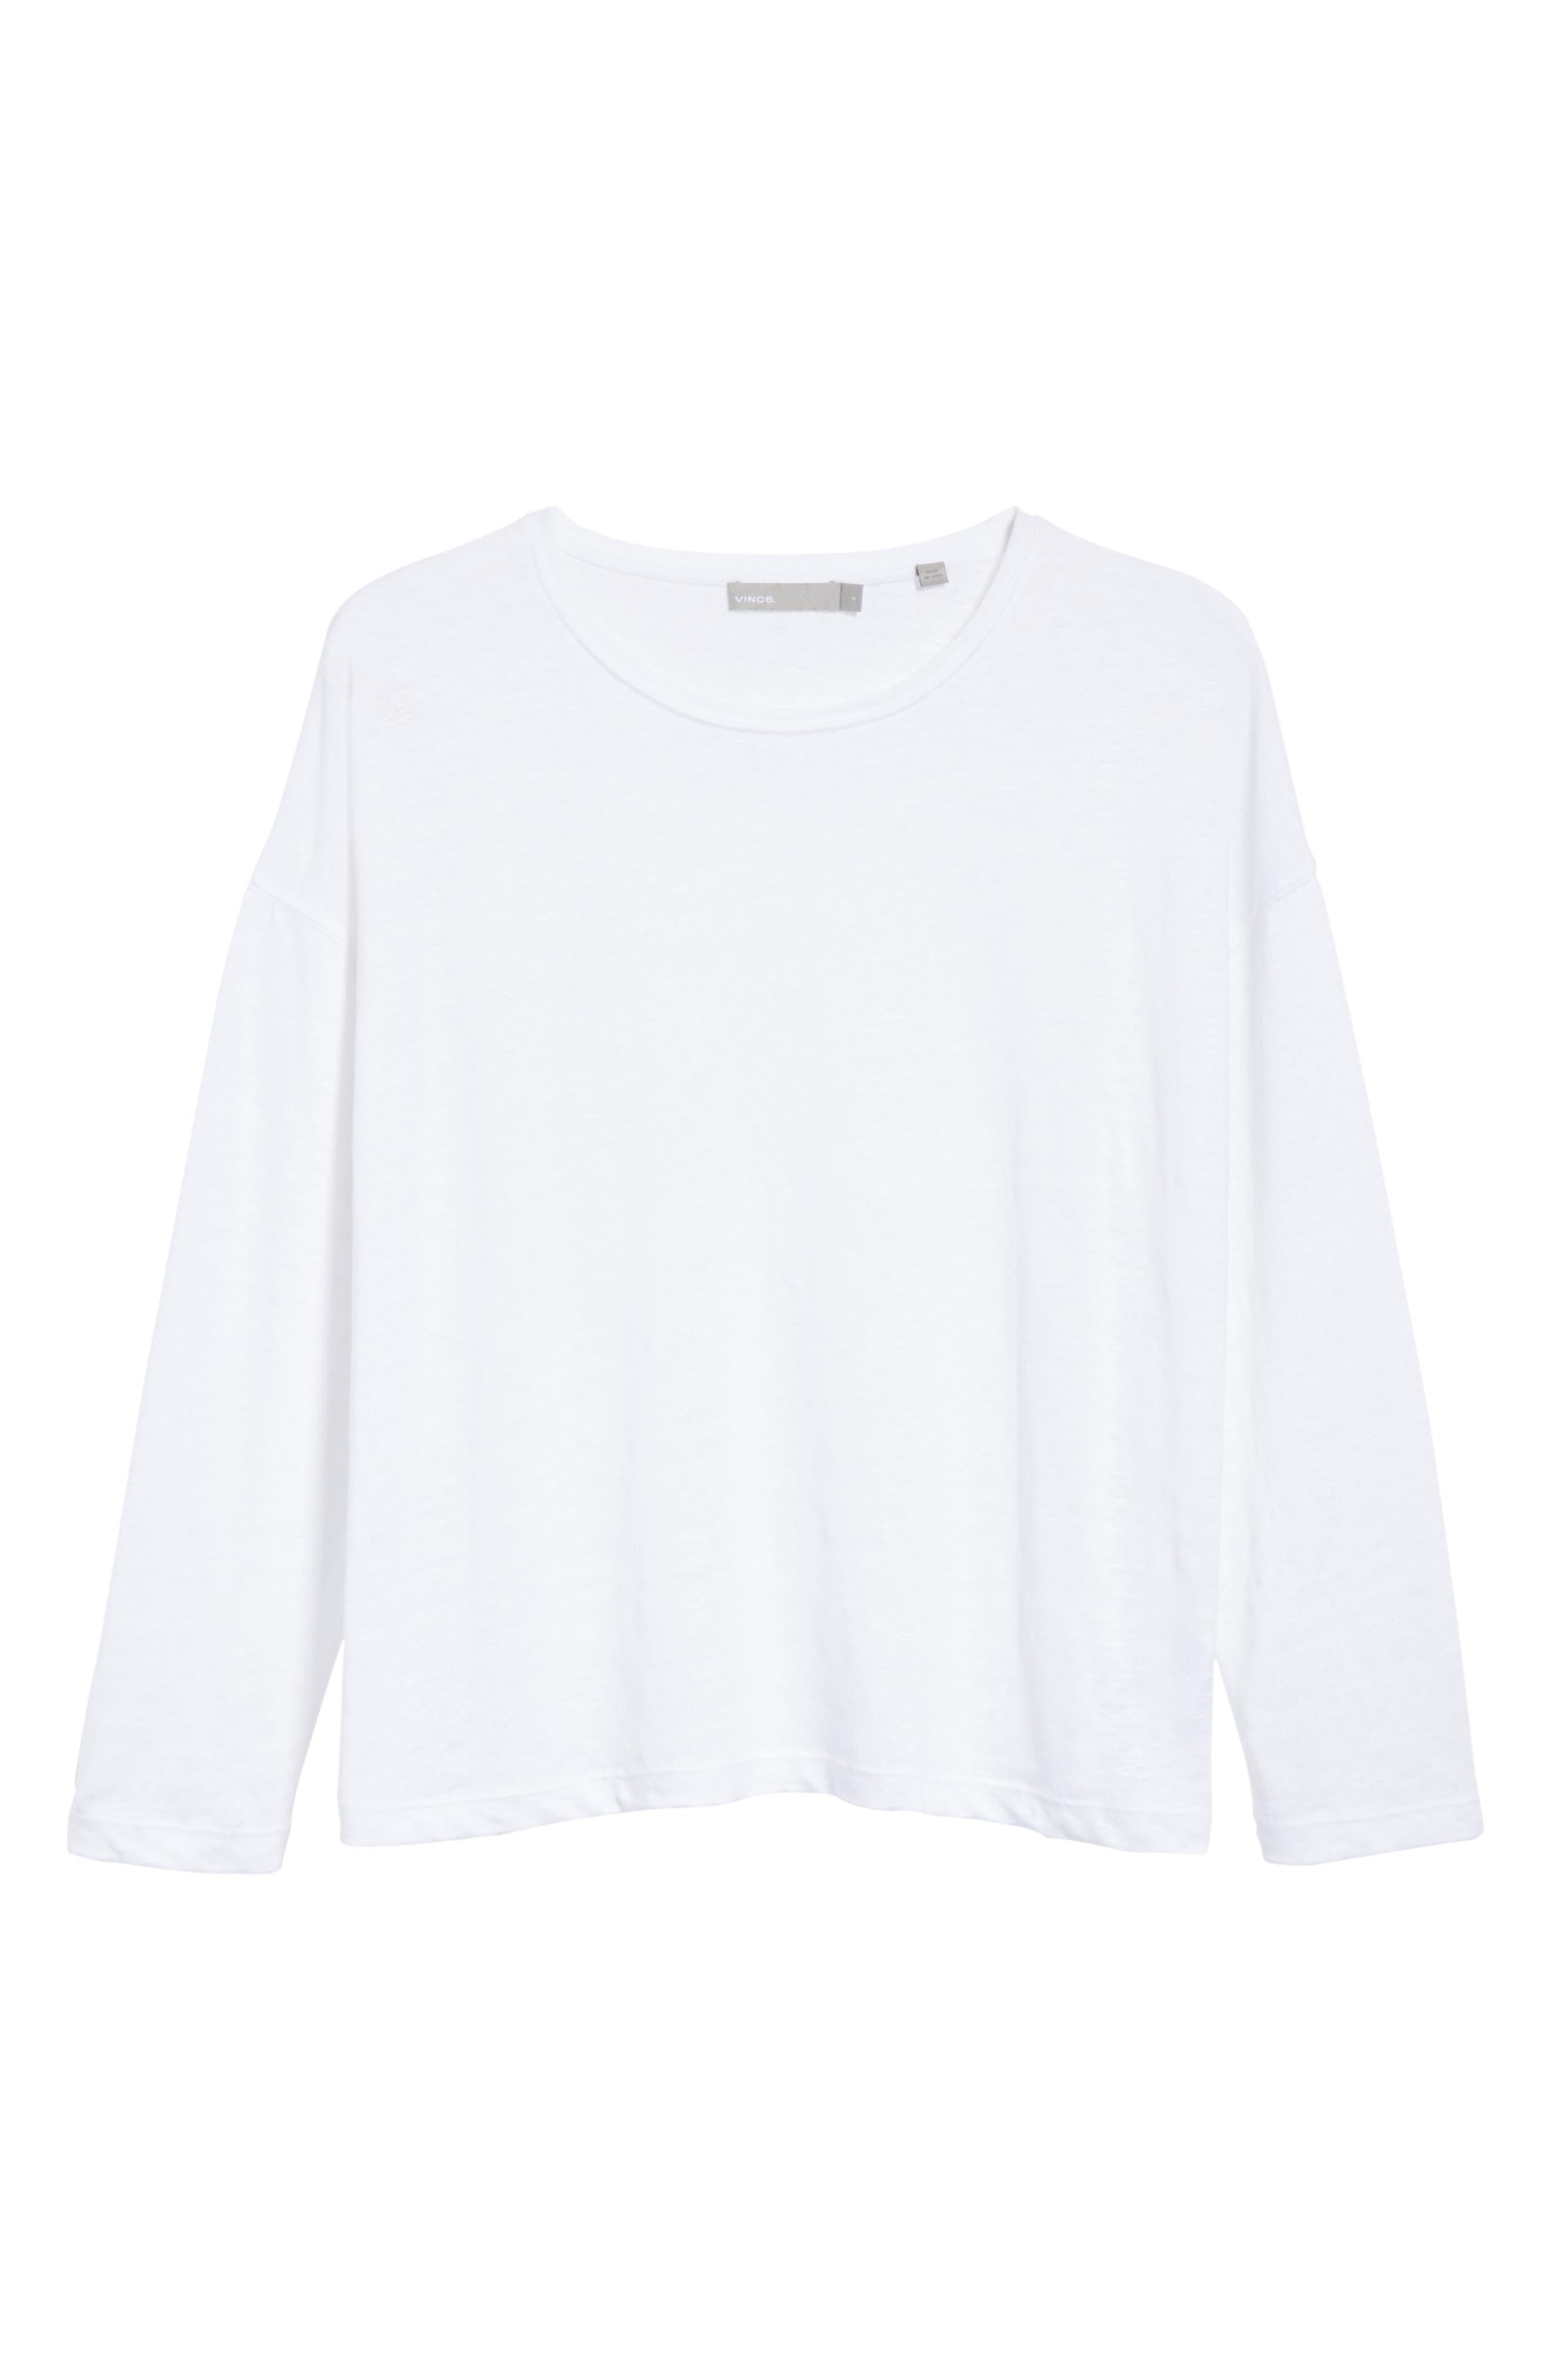 Shrunken Linen Long Sleeve Top,                             Alternate thumbnail 6, color,                             Optic White